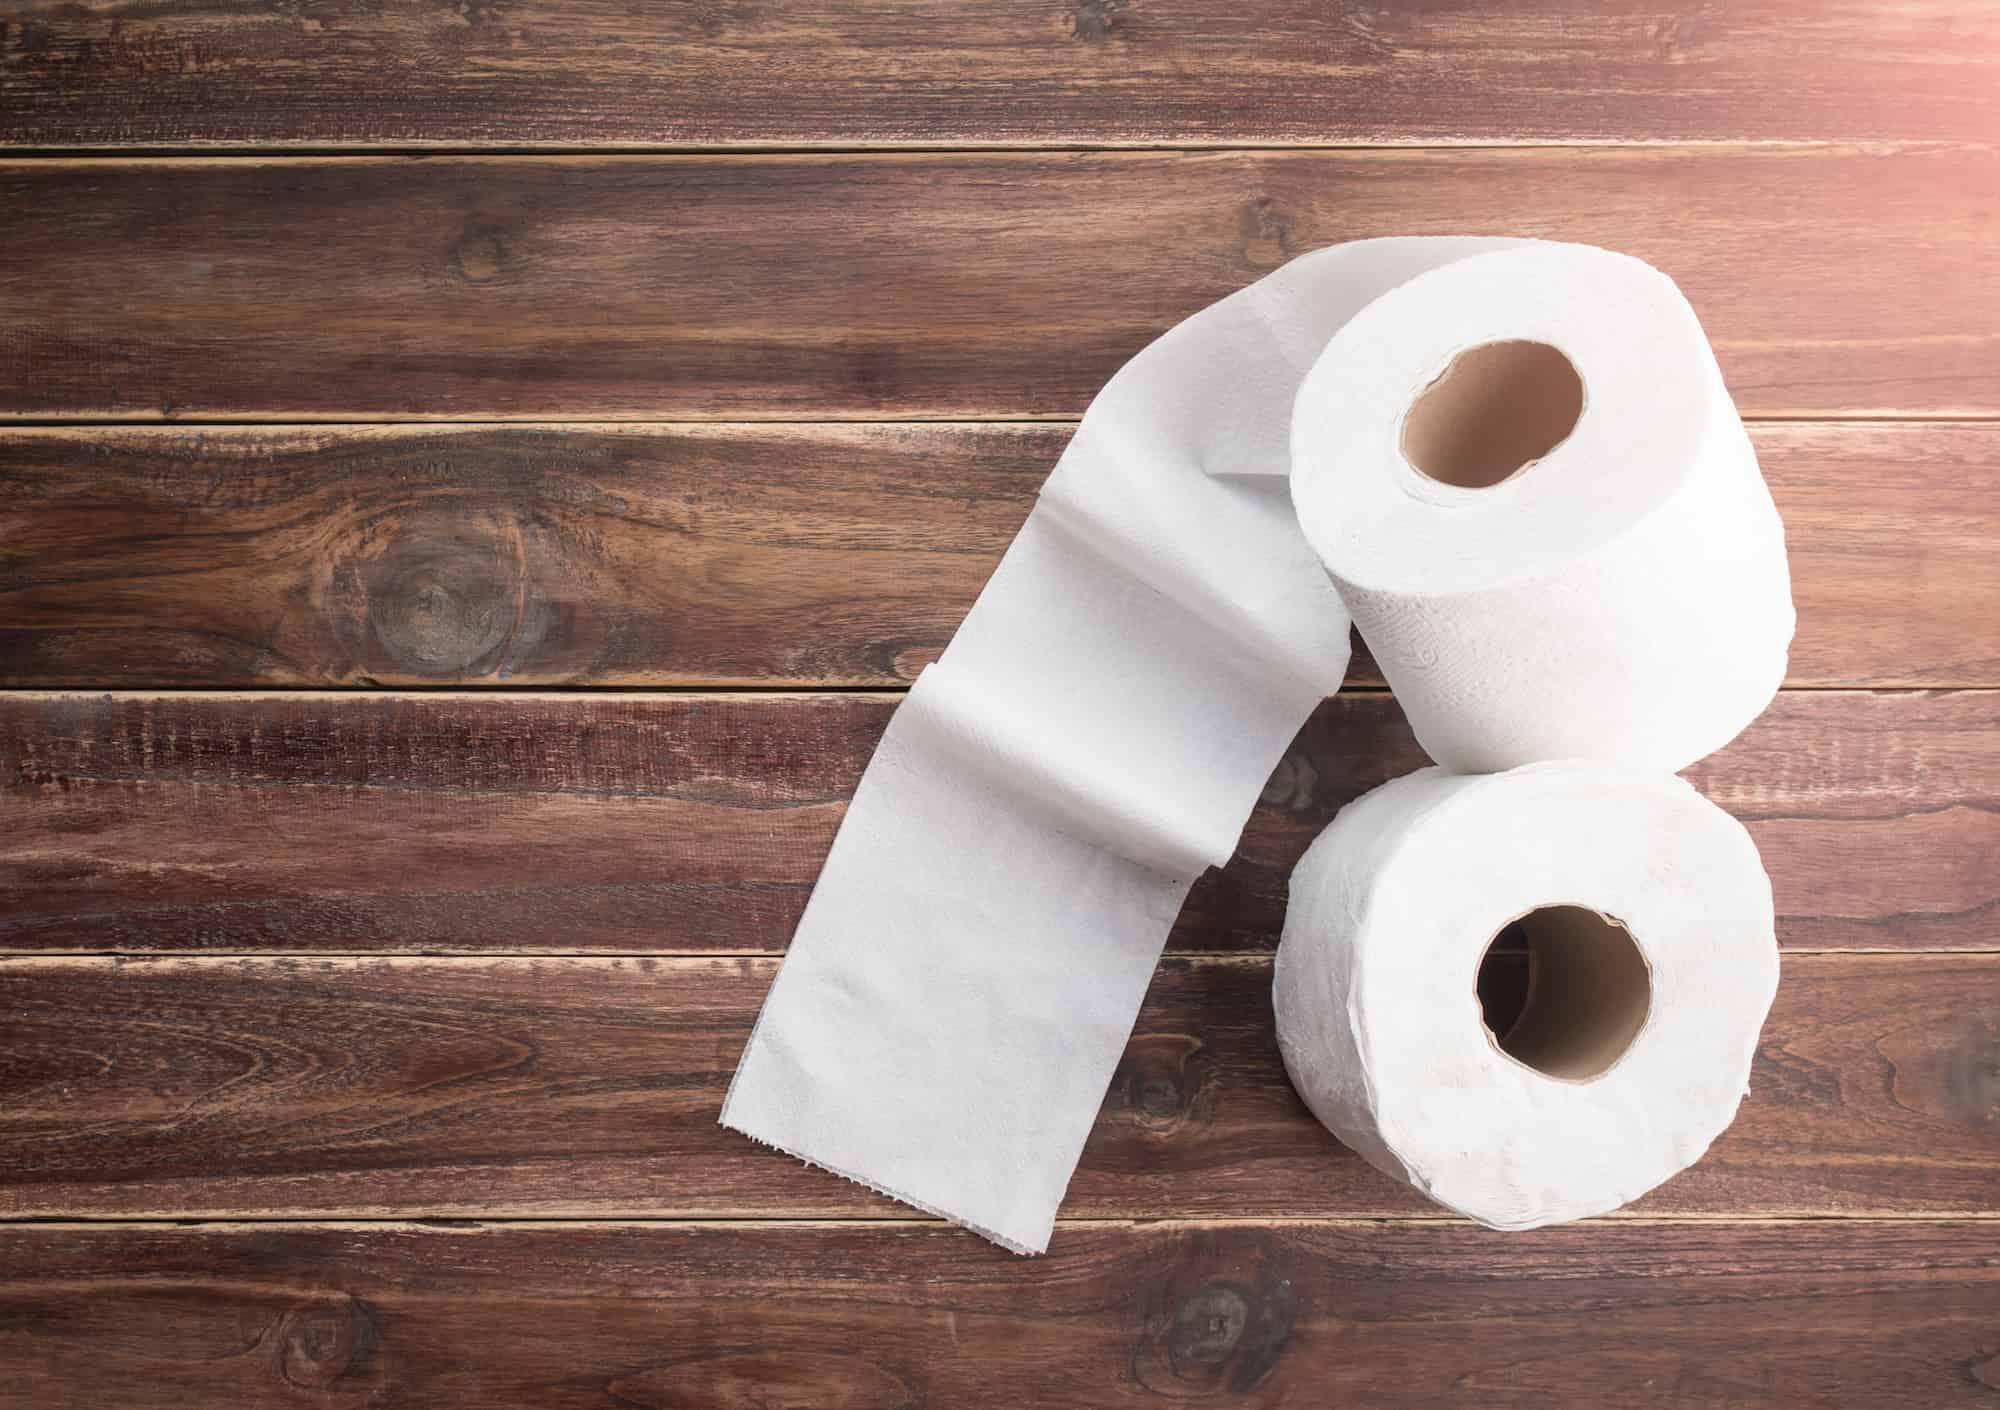 buy toilet paper